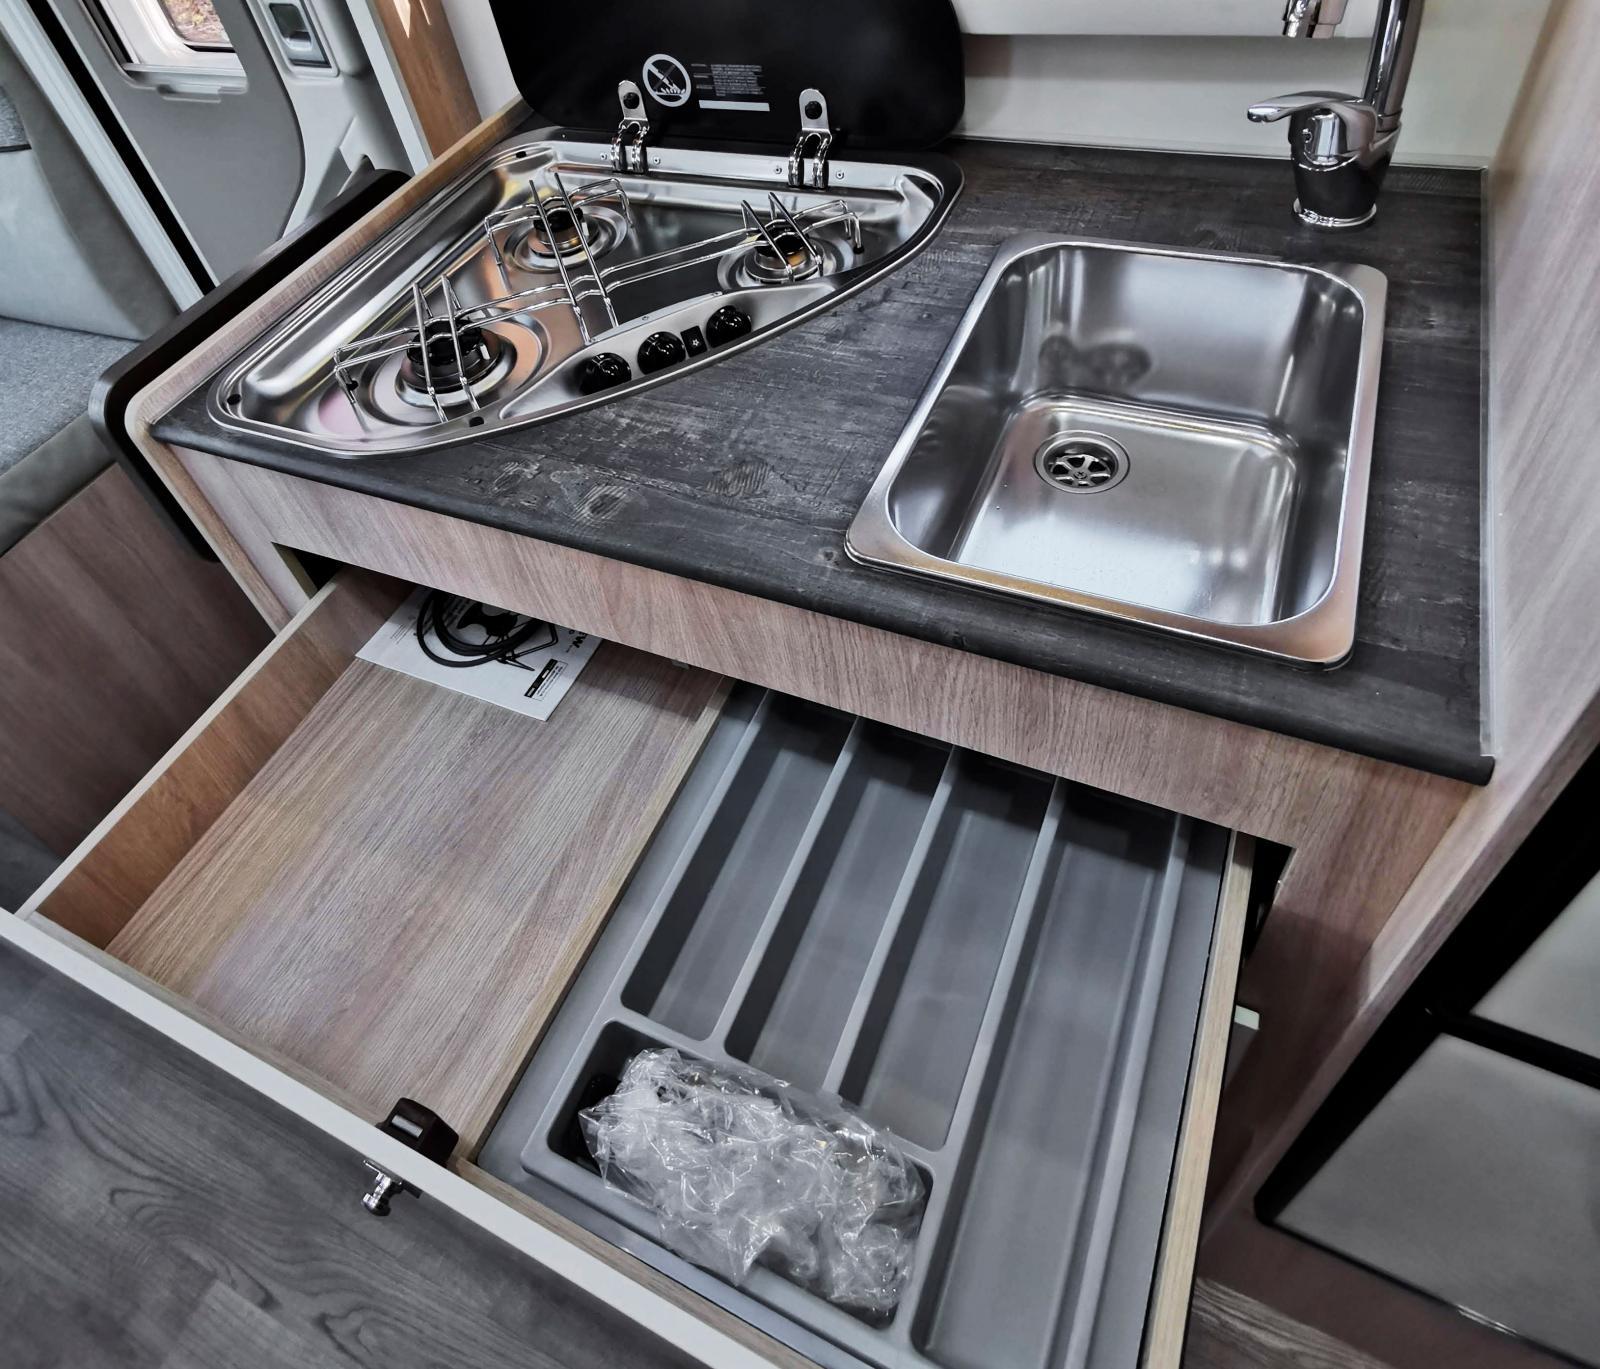 Kökslådorna är breda men här finns åtminstone mellanvägg och bestickförvaring vilket inte är en självklarhet i instegsklassen.